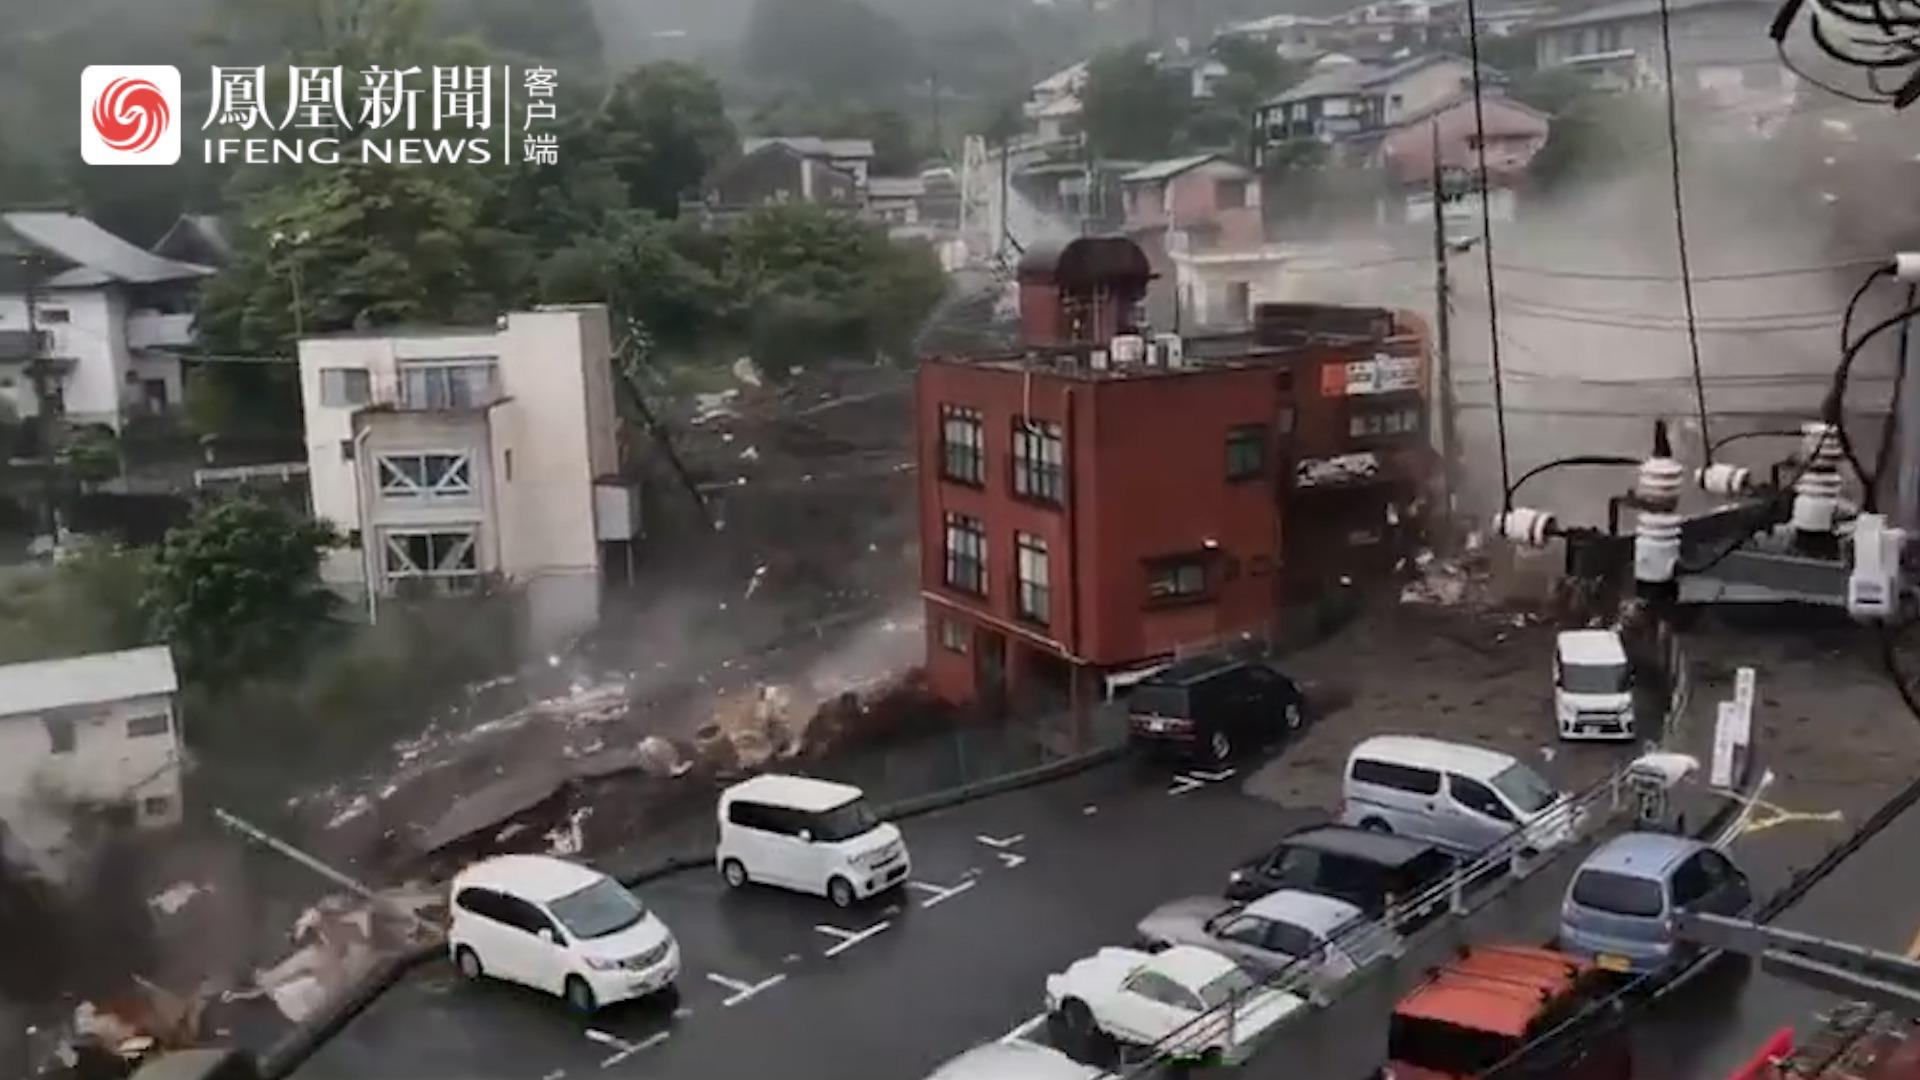 现场视频曝光!日本发生大规模泥石流至少19人失联